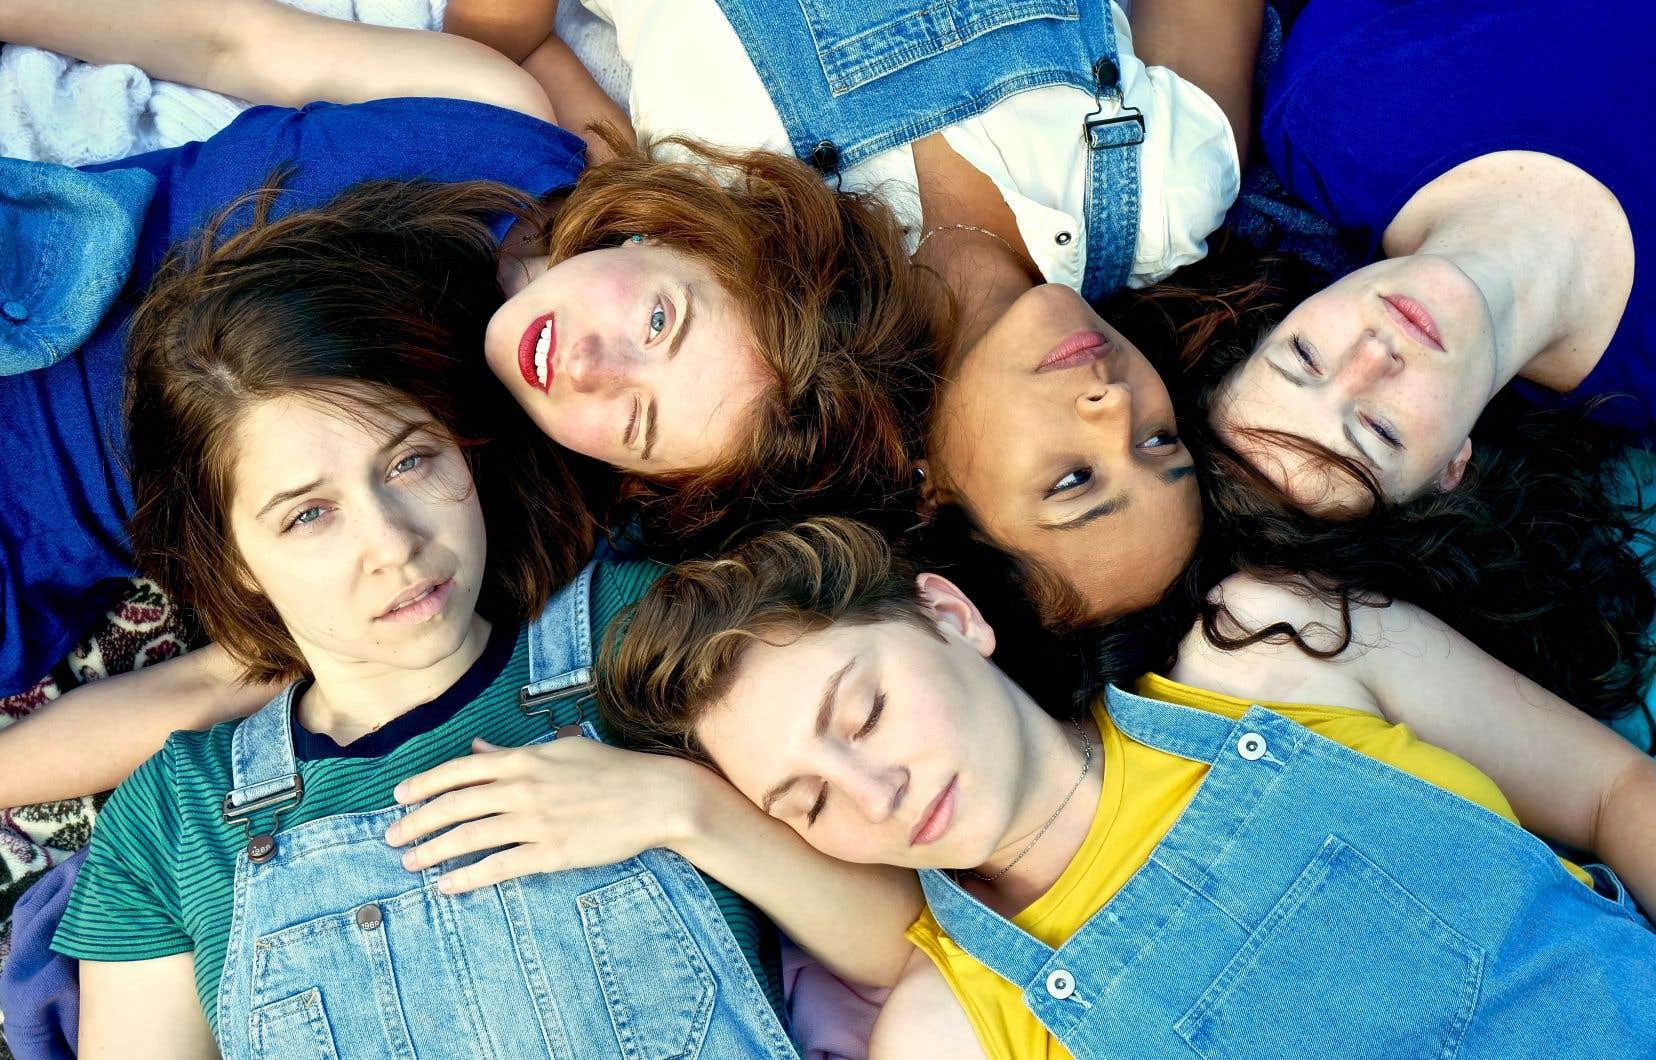 Les cinq comédiennes, qui s'incarnent, retracent leurs élans créatifs... en même temps que leur difficulté à travailler ensemble.